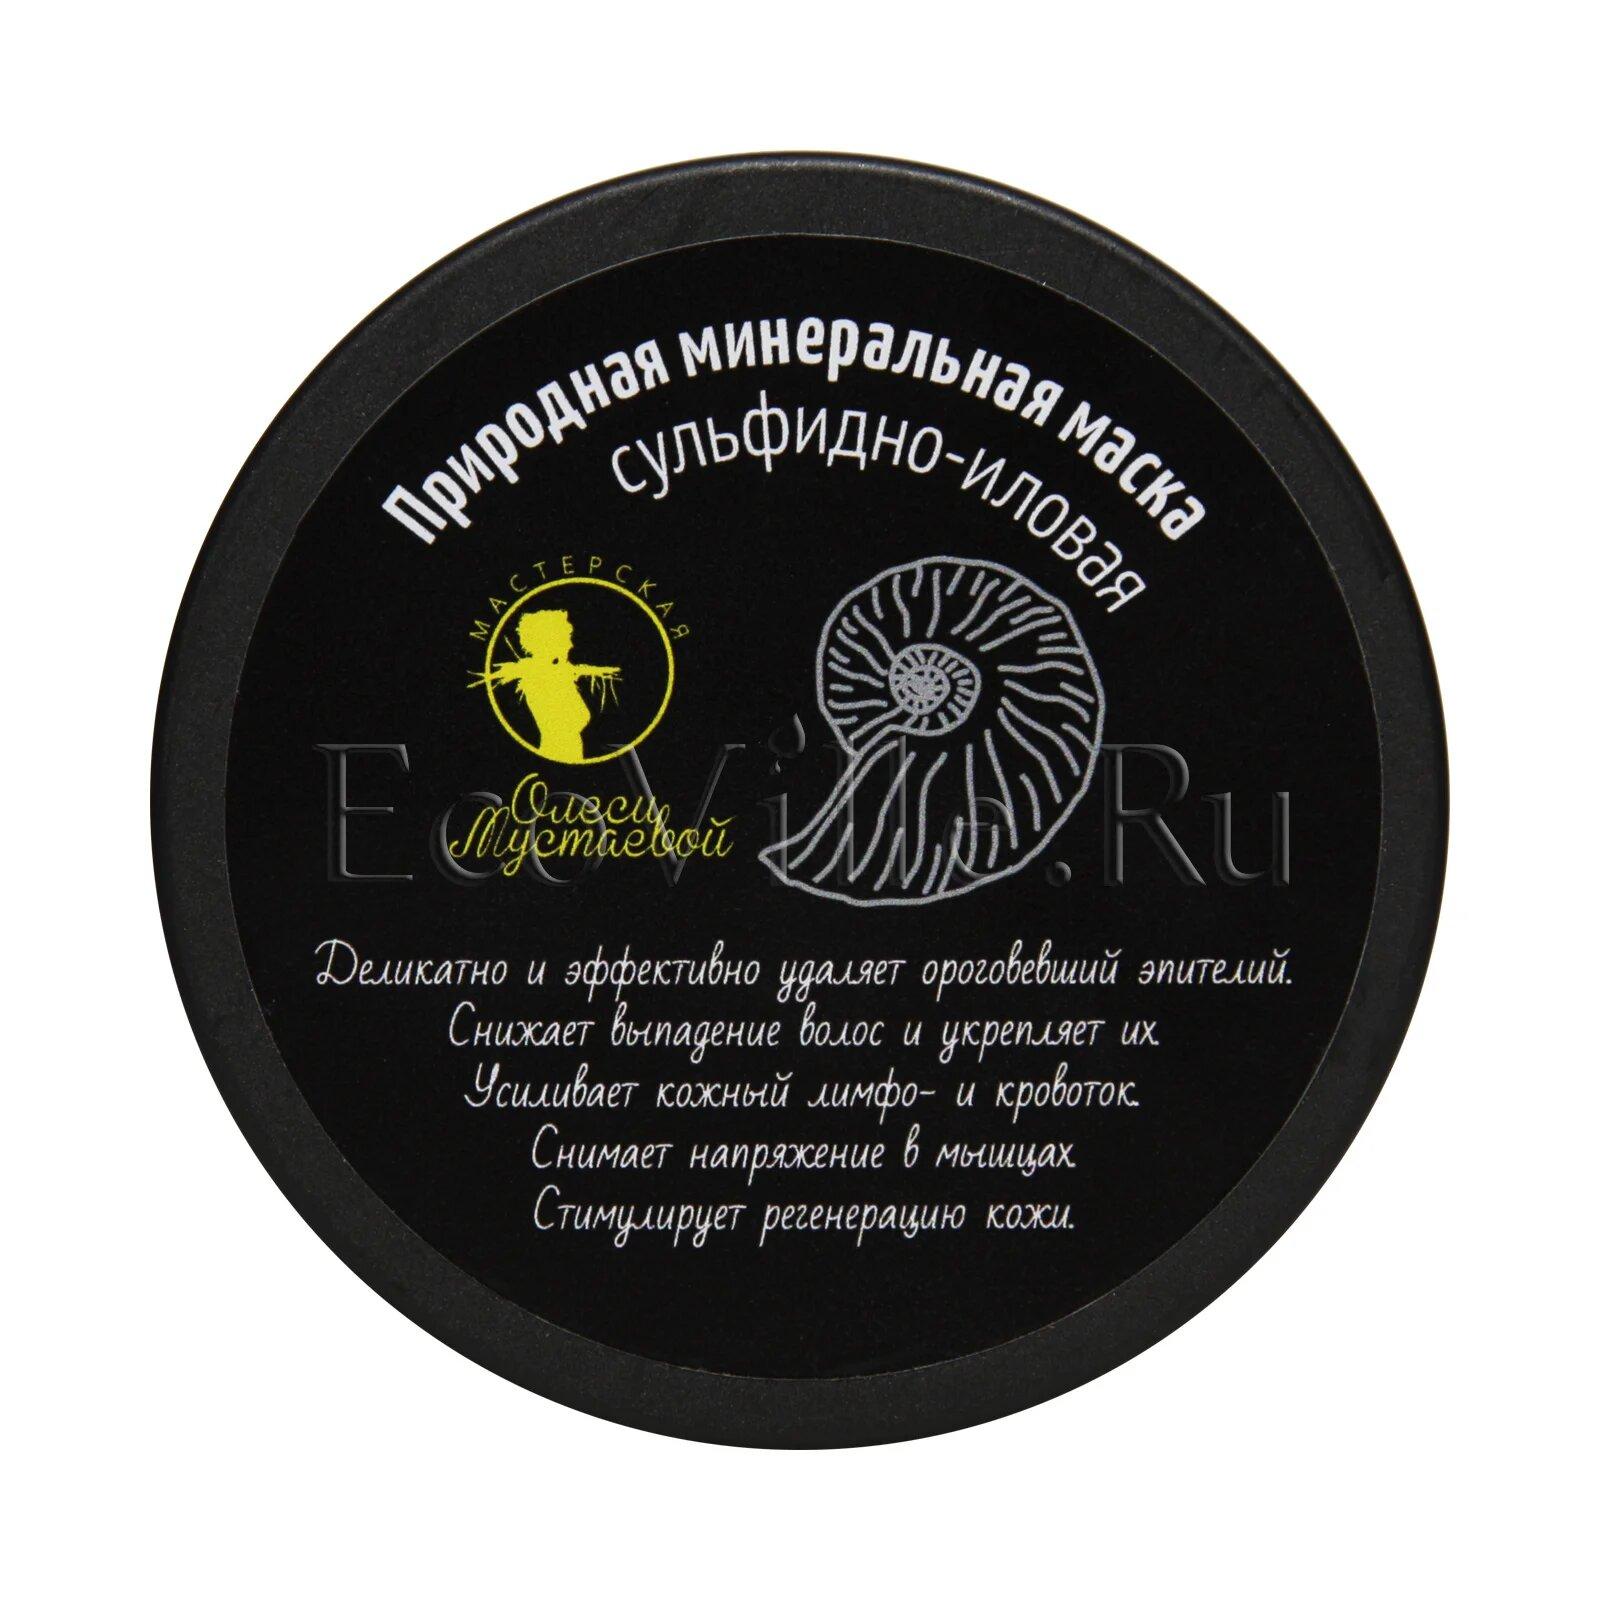 Косметика от олеси мустаевой купить крем clearskin